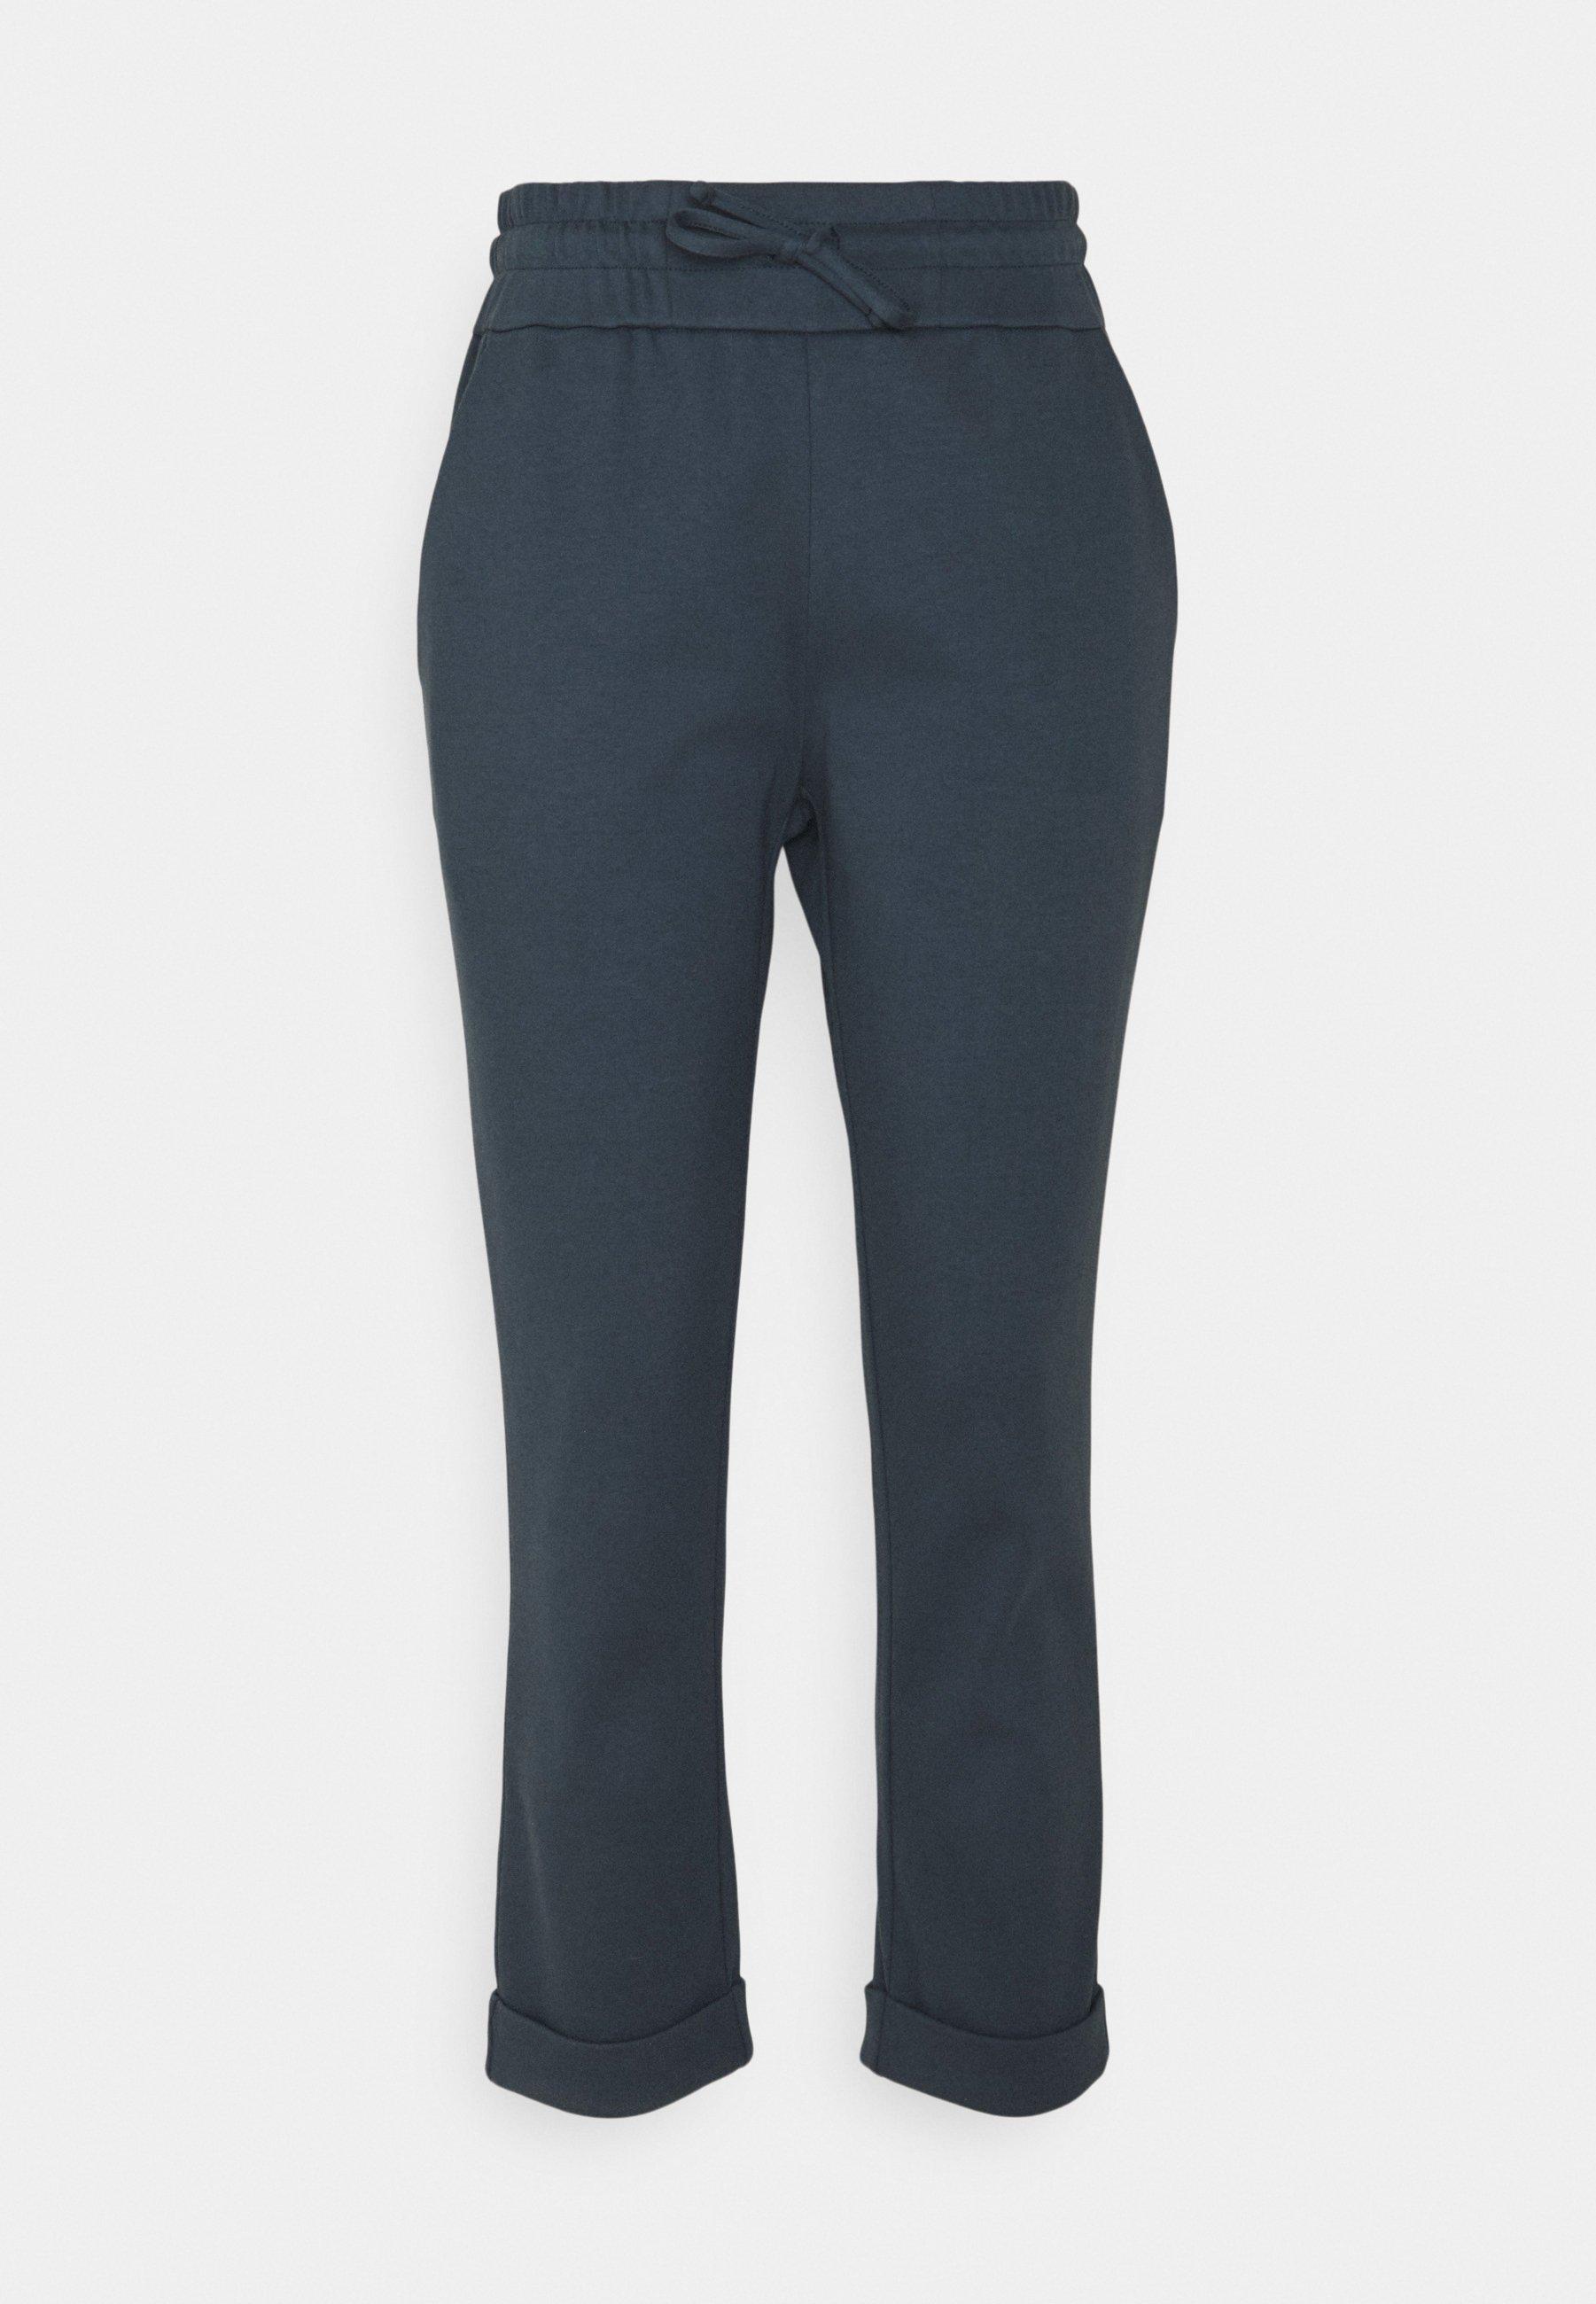 Femme HOSE - Pantalon de survêtement